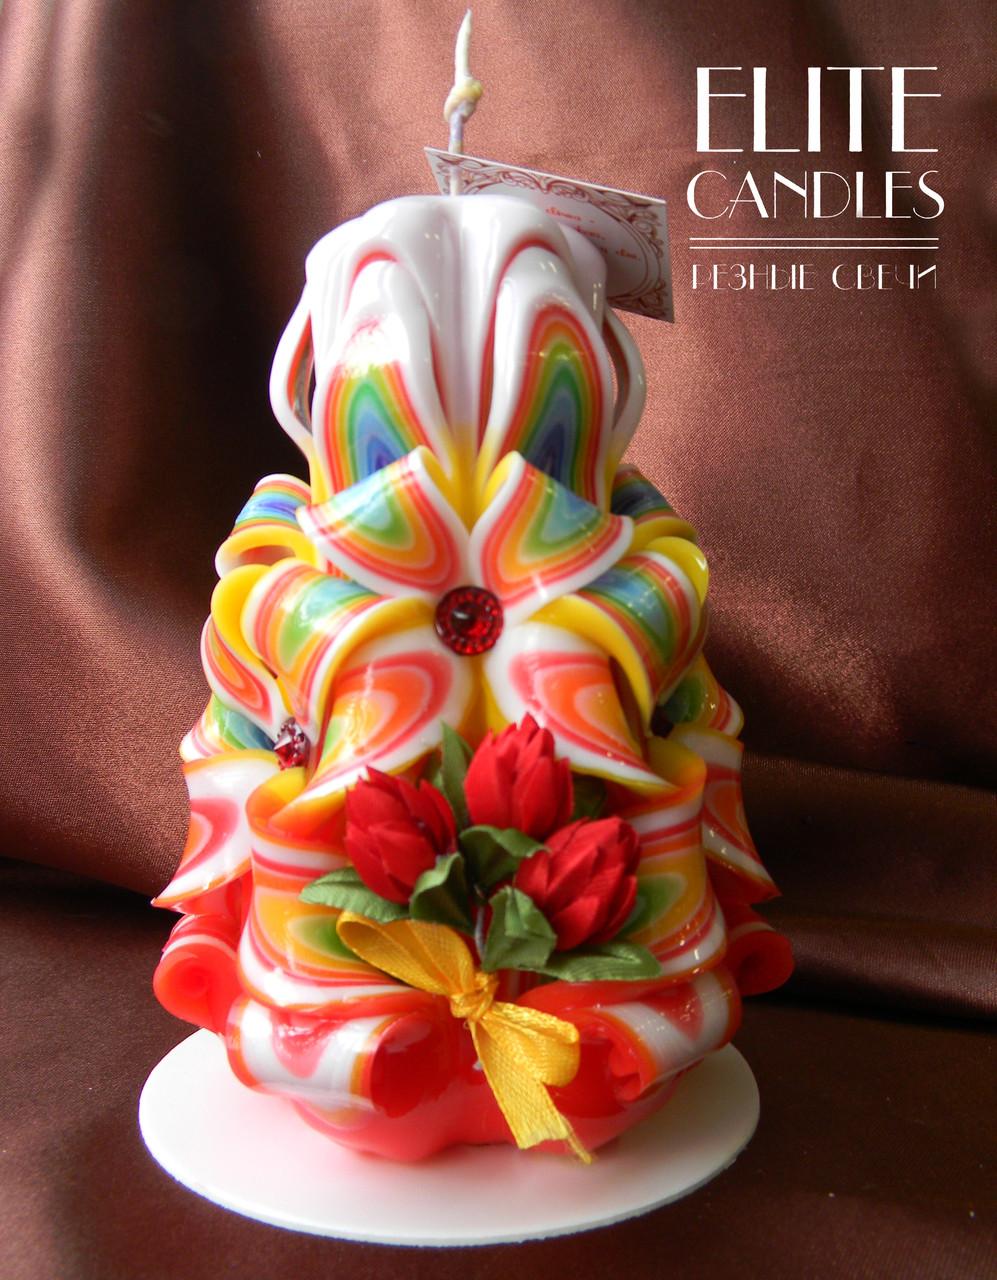 Свеча с украшением из цветов. Подходит для подарочка любимым на любой праздники